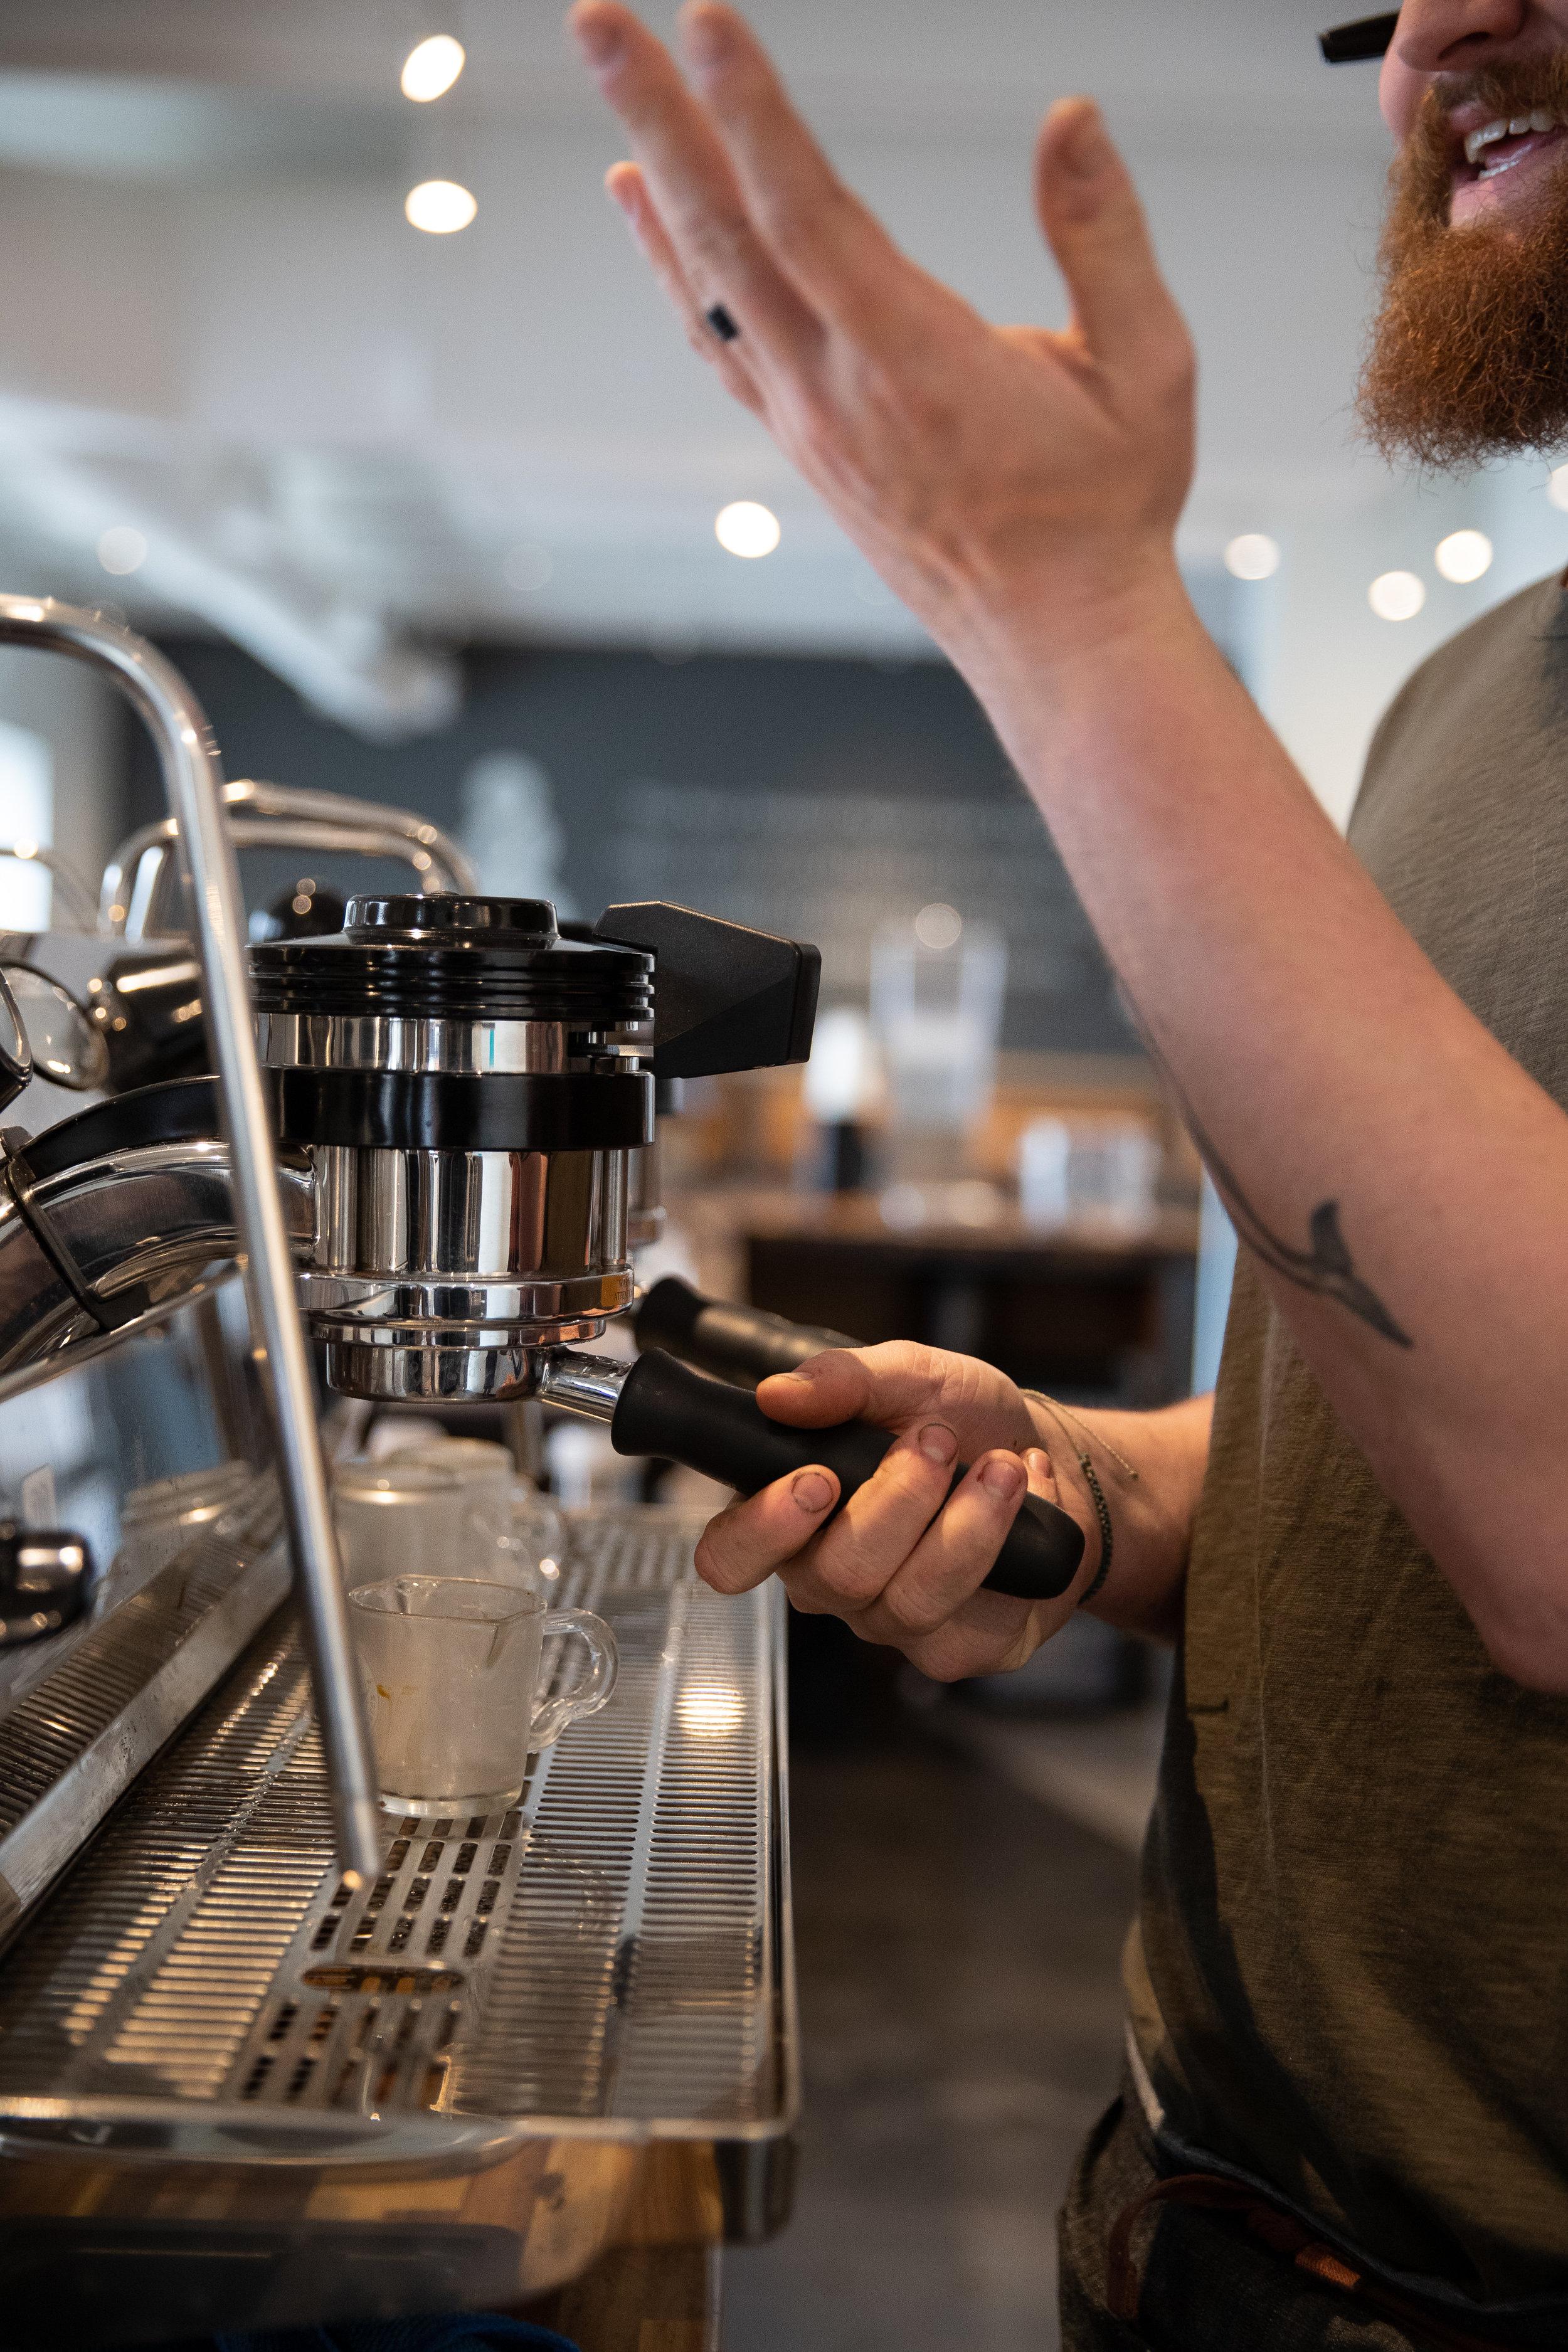 coffeeshop-photography-9I0603.jpg